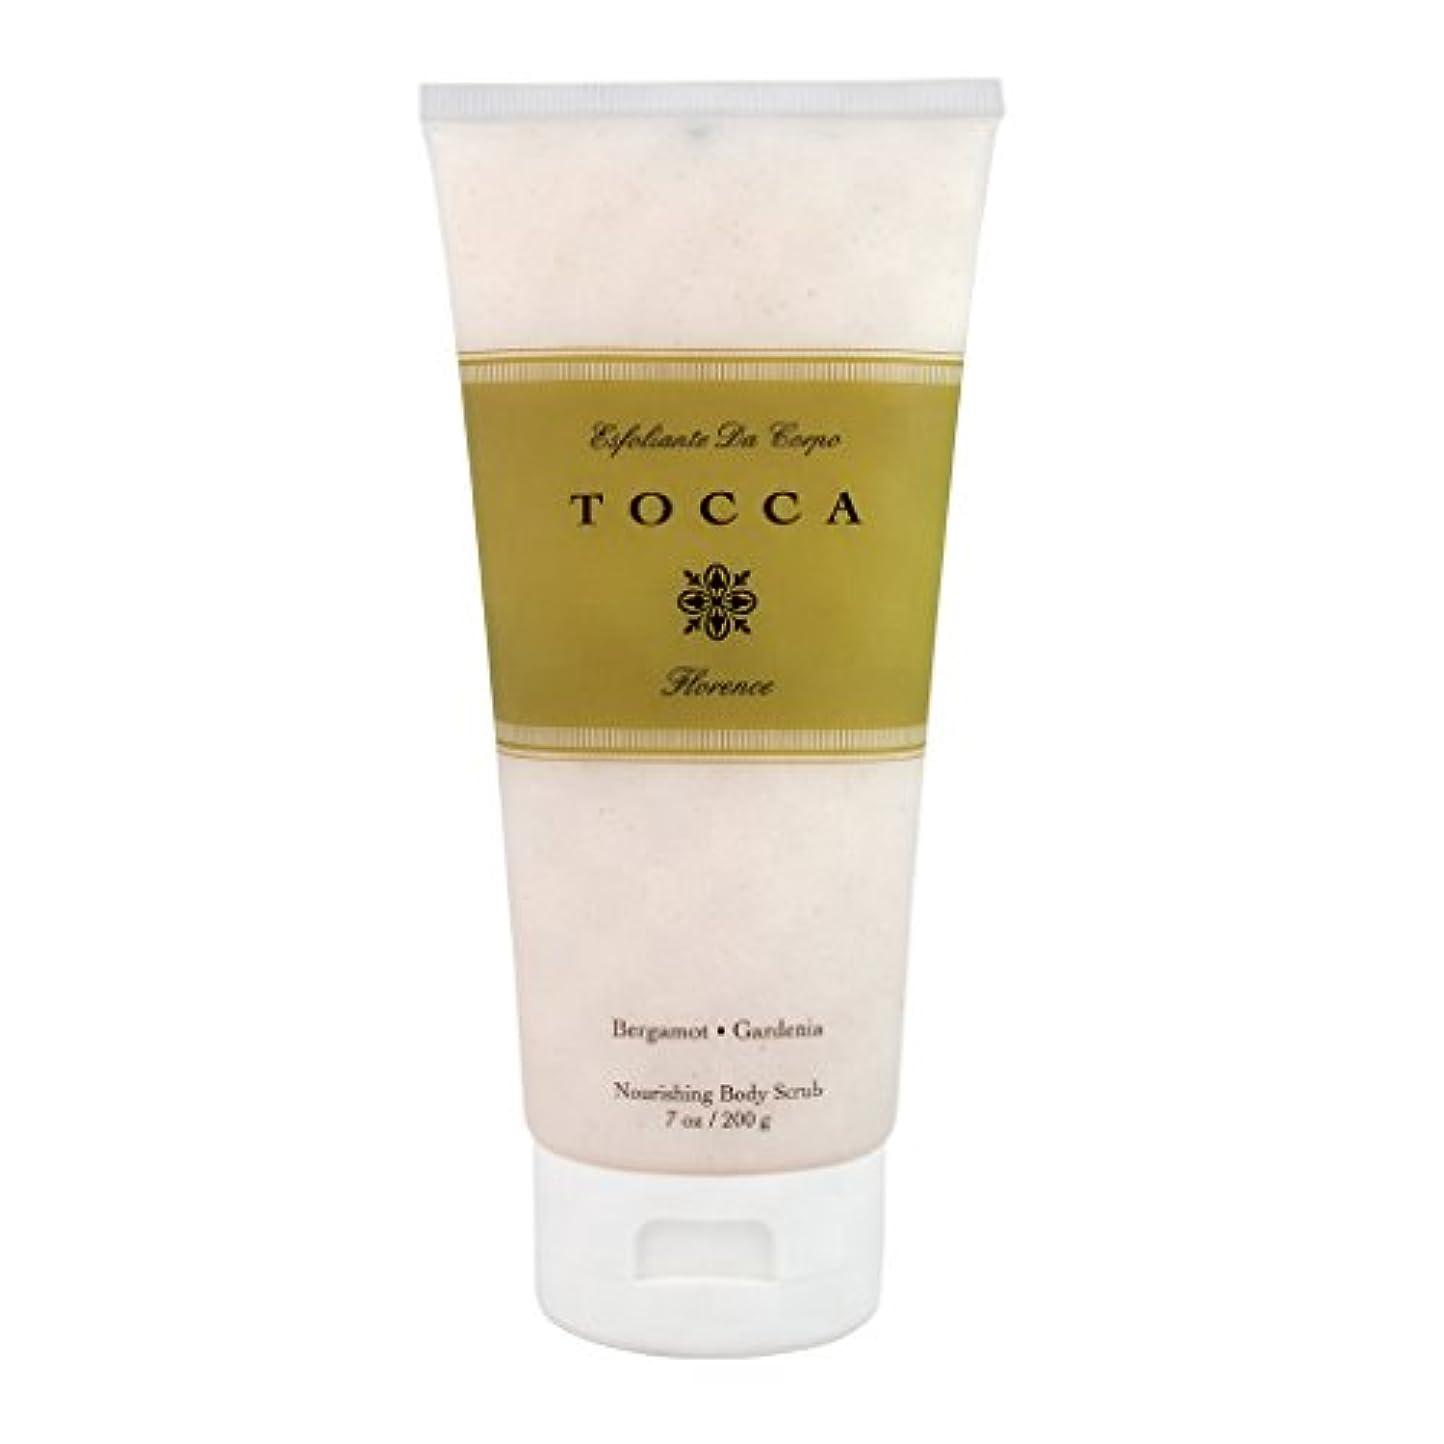 プレミアム勉強するピグマリオントッカ(TOCCA) ボディーケアスクラブ フローレンスの香り 200ml(全身?ボディー用マッサージ料 ガーデニアとベルガモットが誘うように溶け合うどこまでも上品なフローラルの香り)